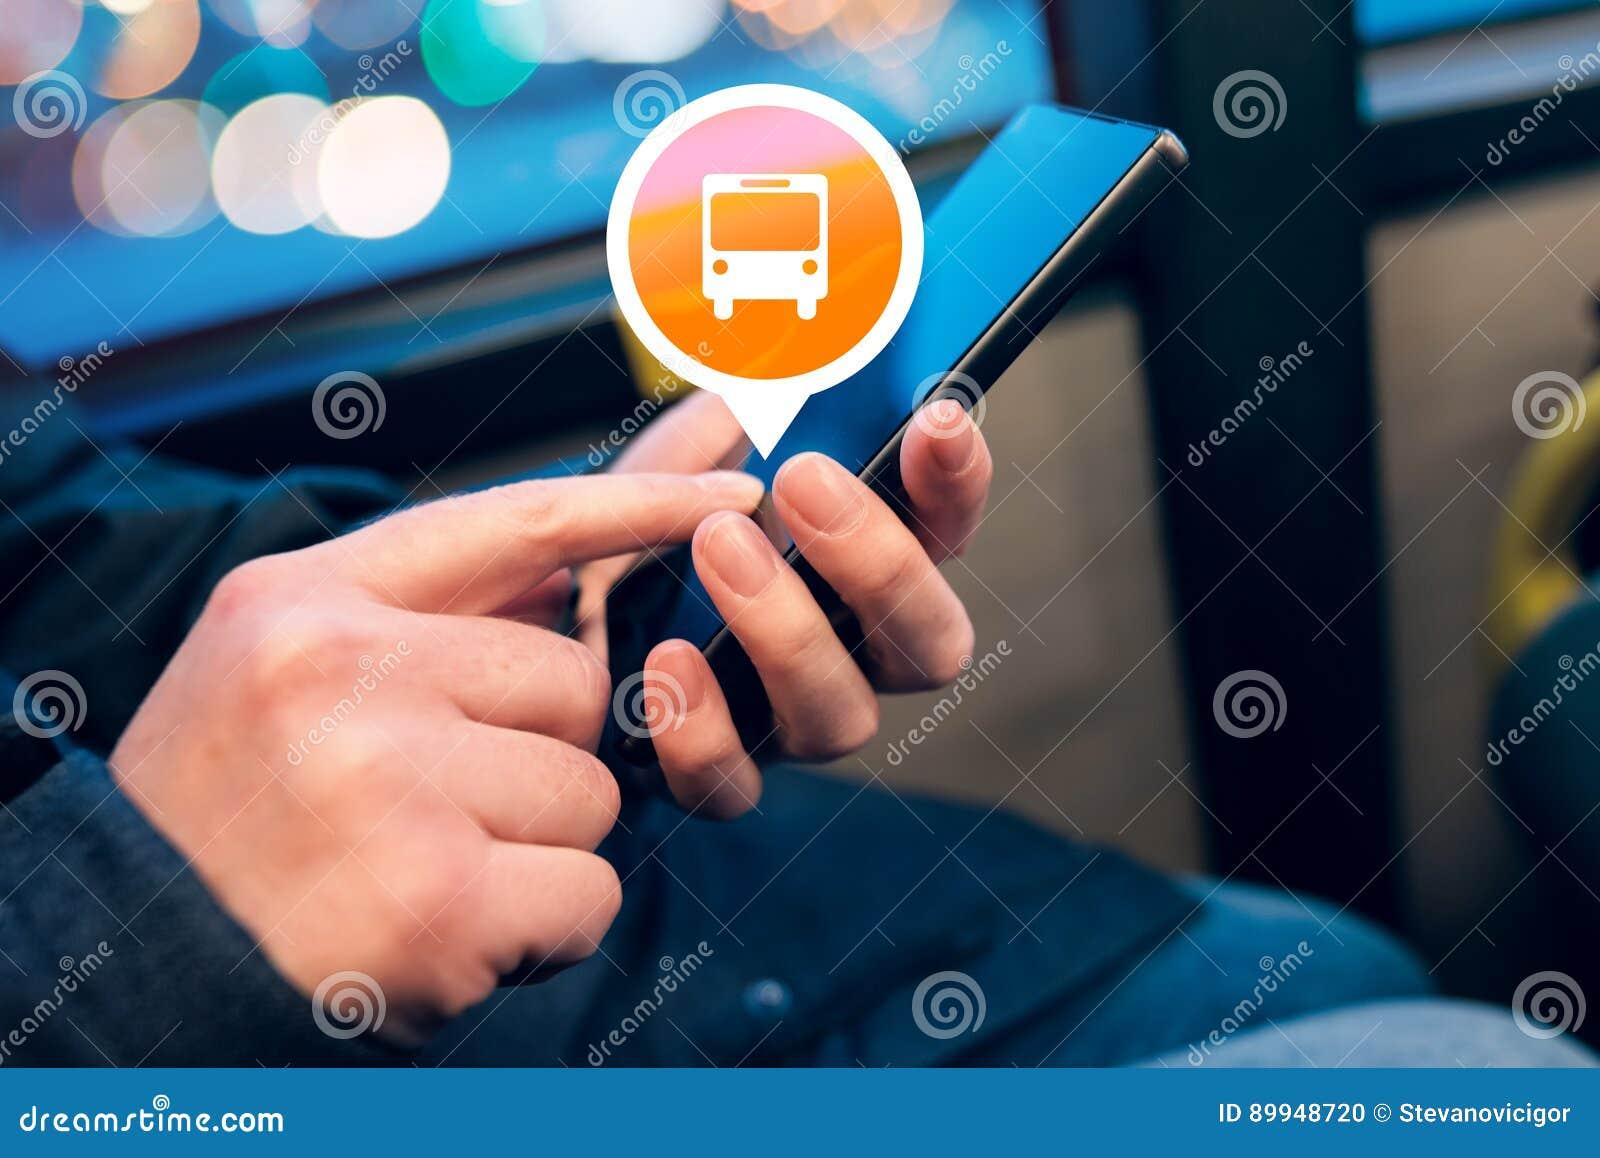 Женщина используя мобильный телефон app для того чтобы купить билет шины электронный